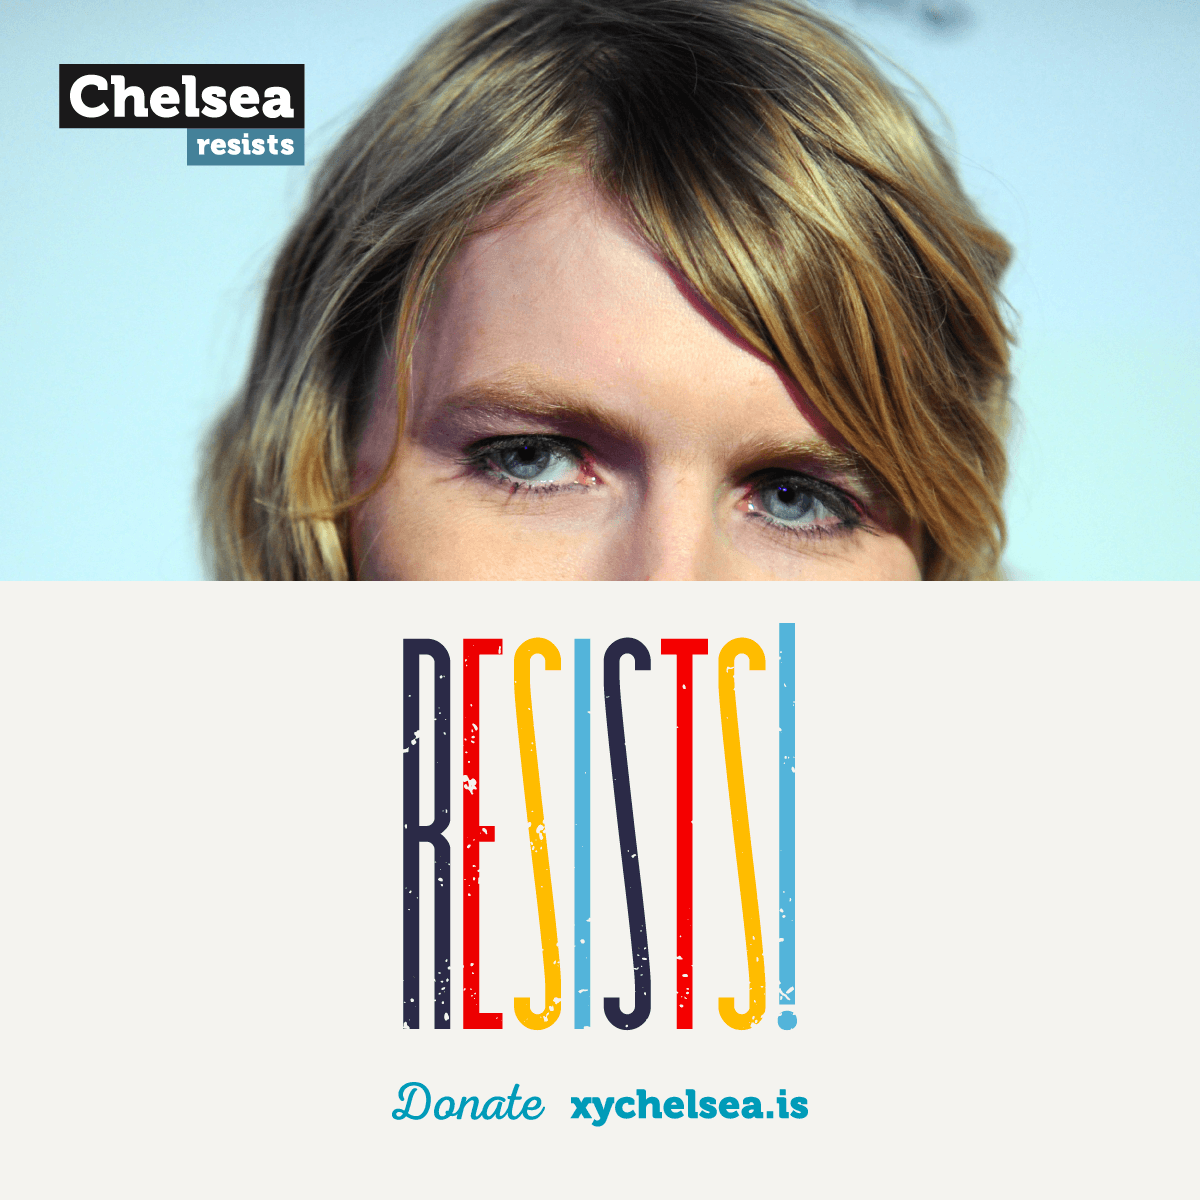 Chelsea Resists